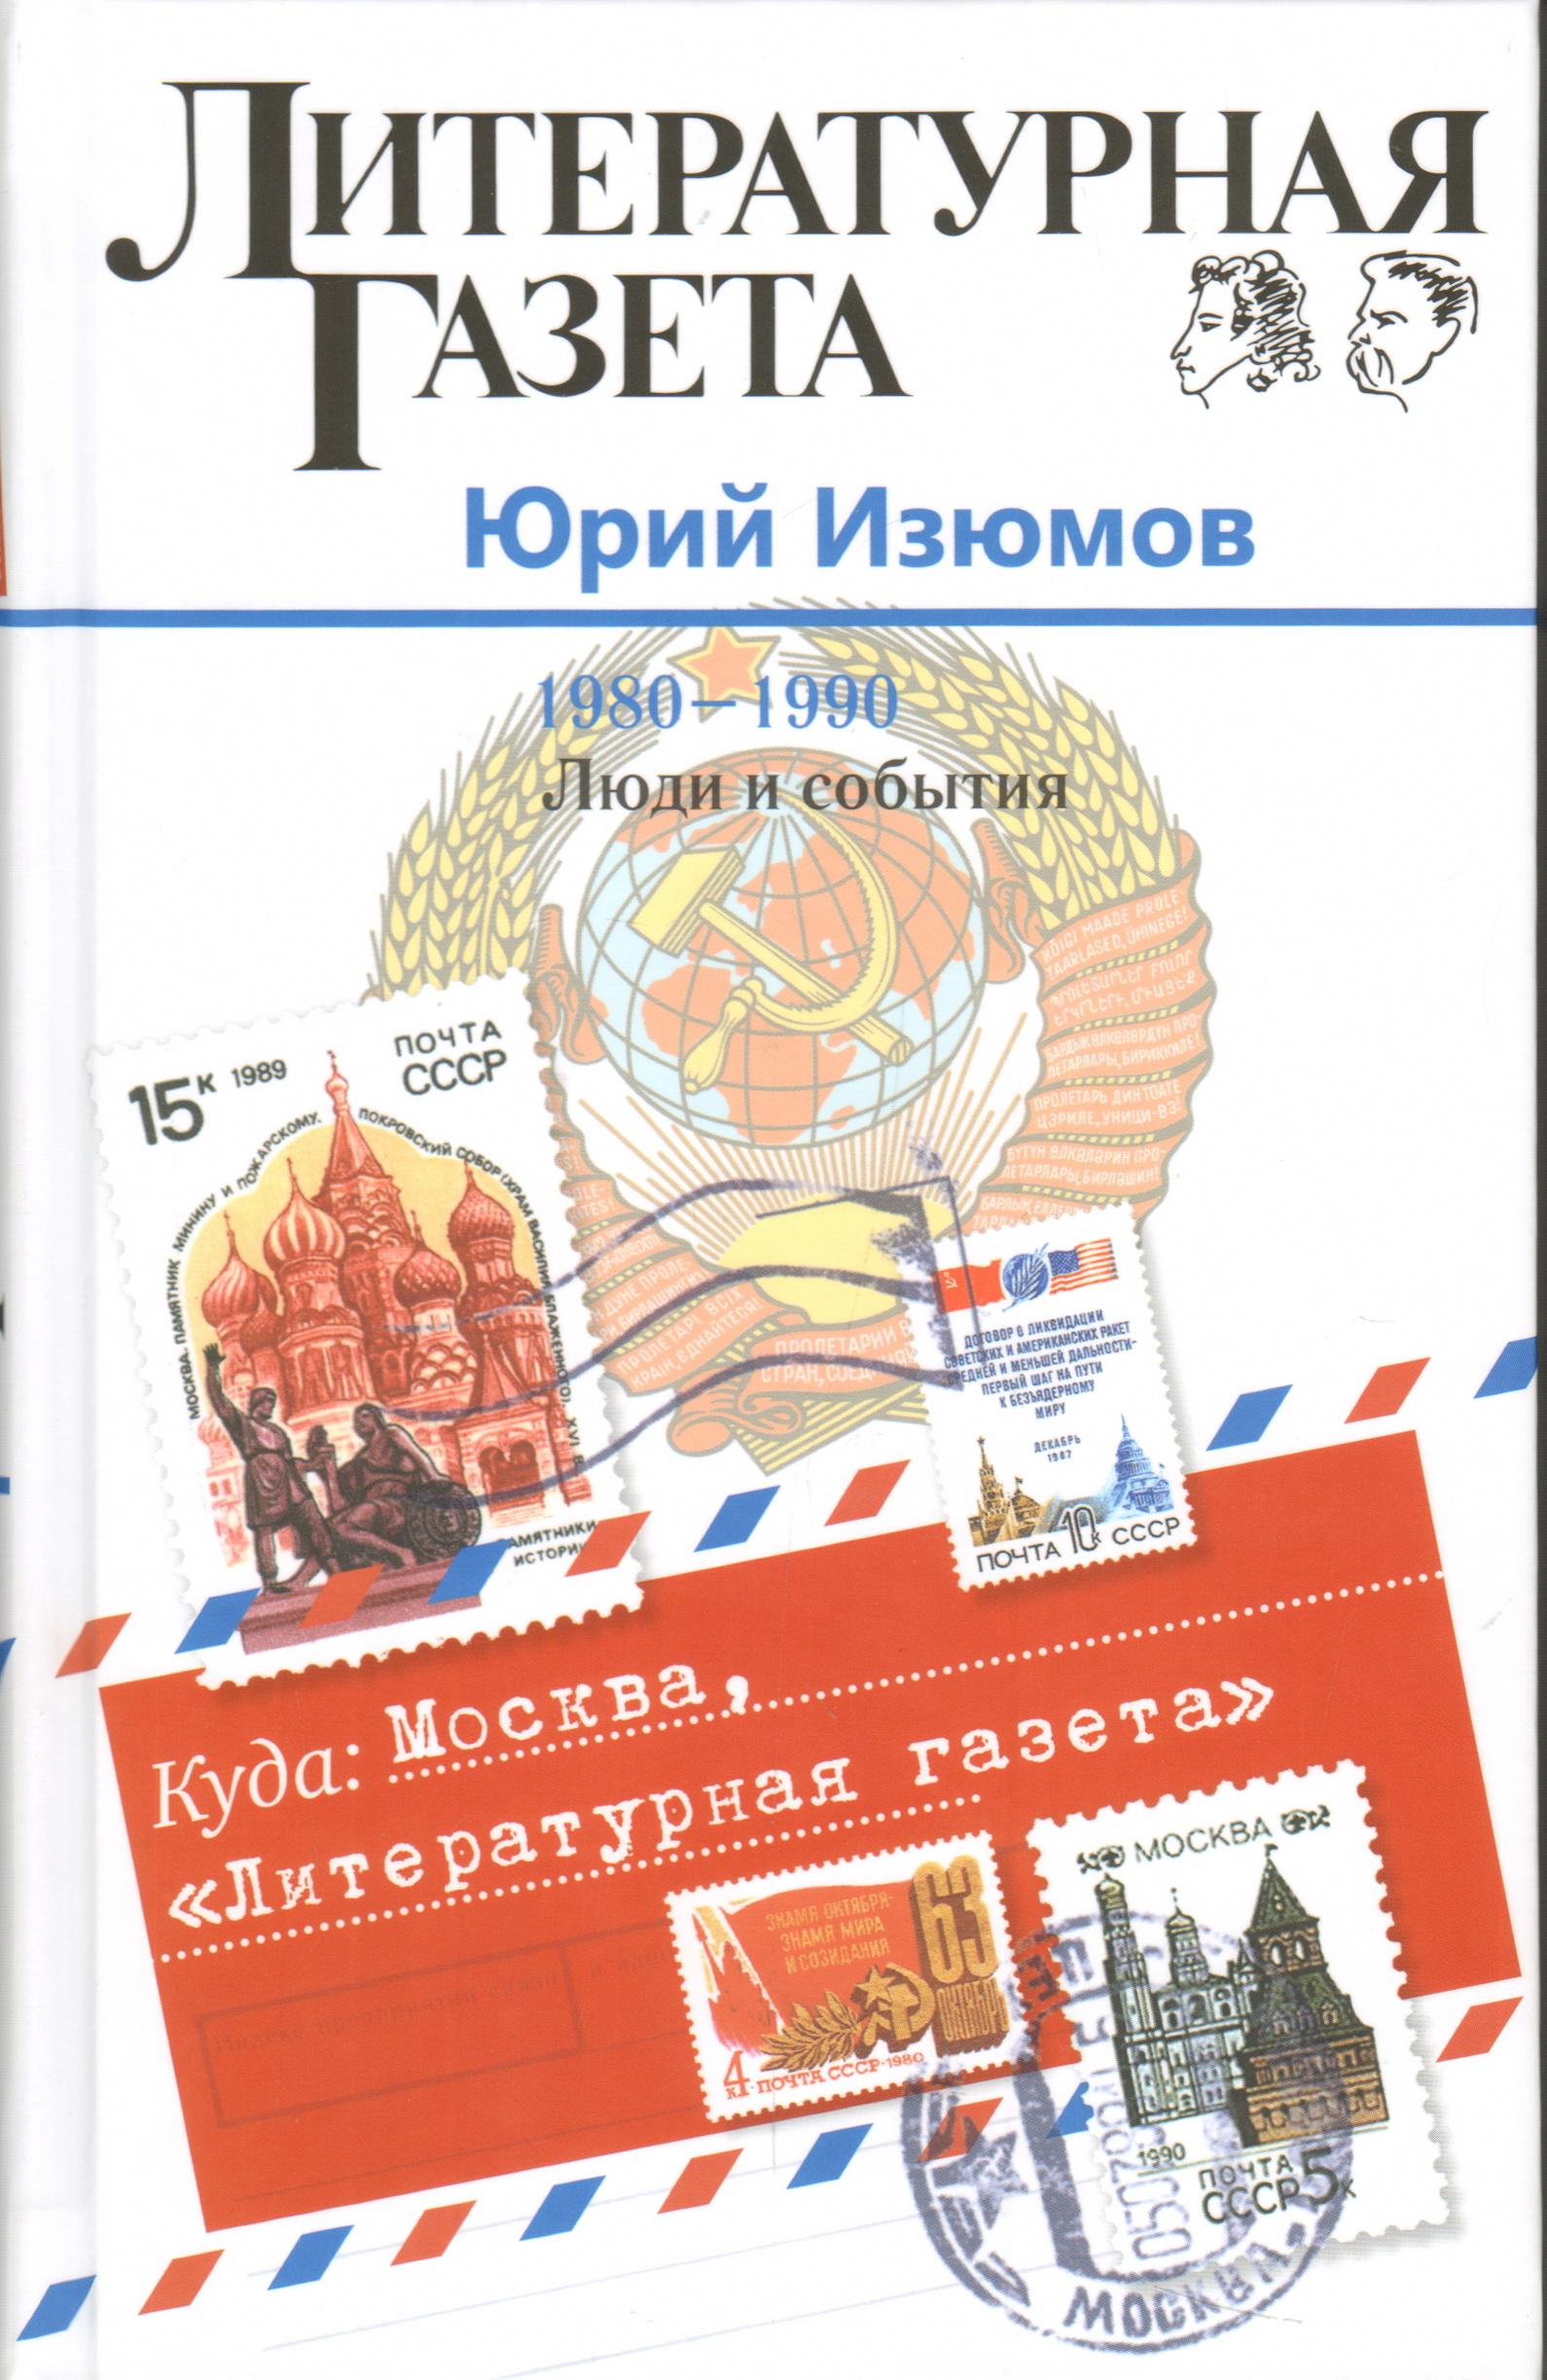 Куда: Москва, Литературная газета. (1980-1990. Люди и события)